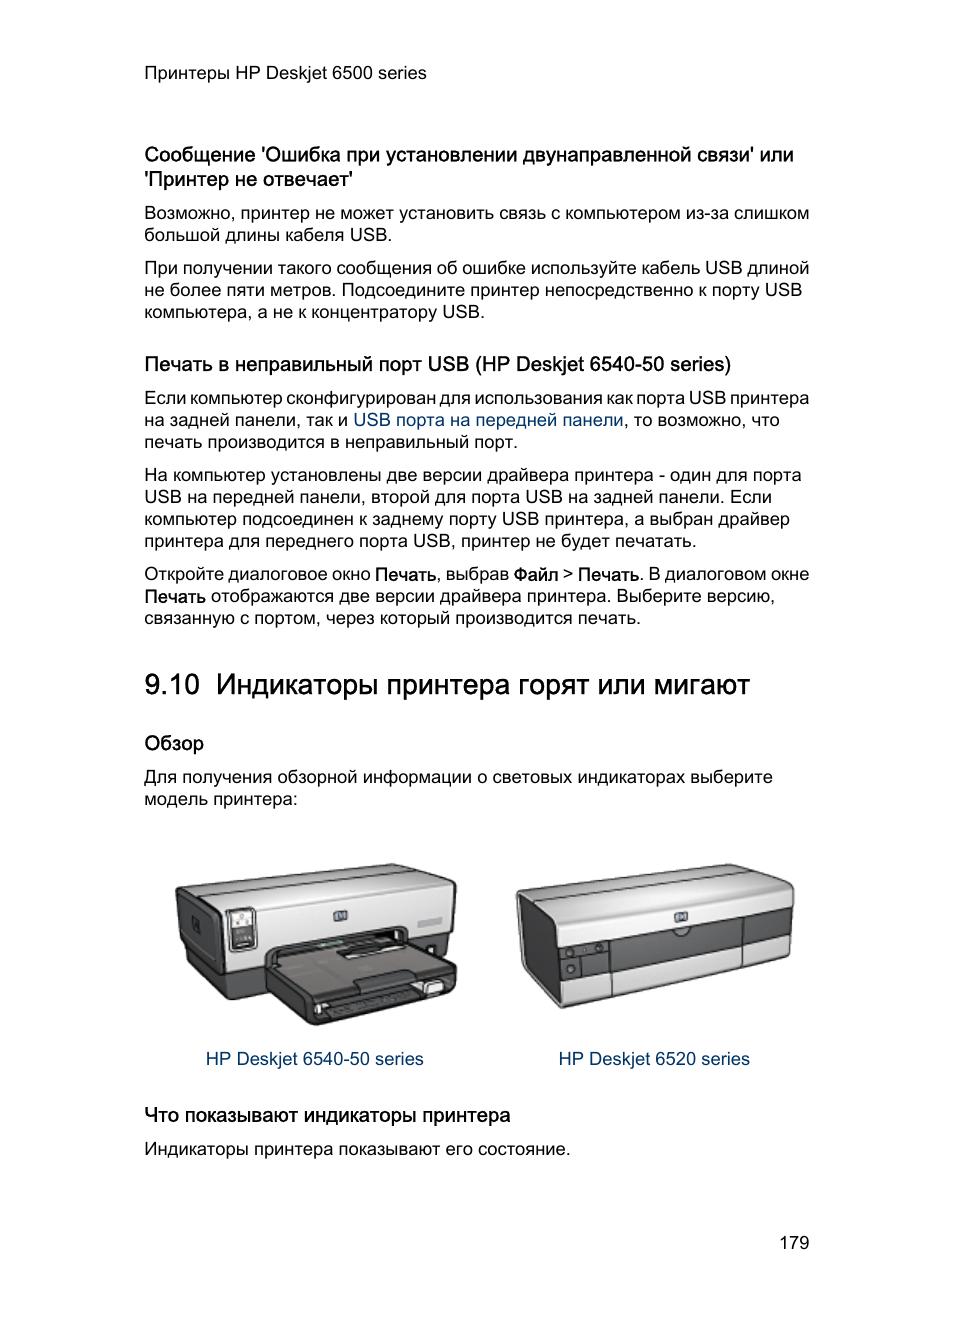 инструкция к принтеру ip1800